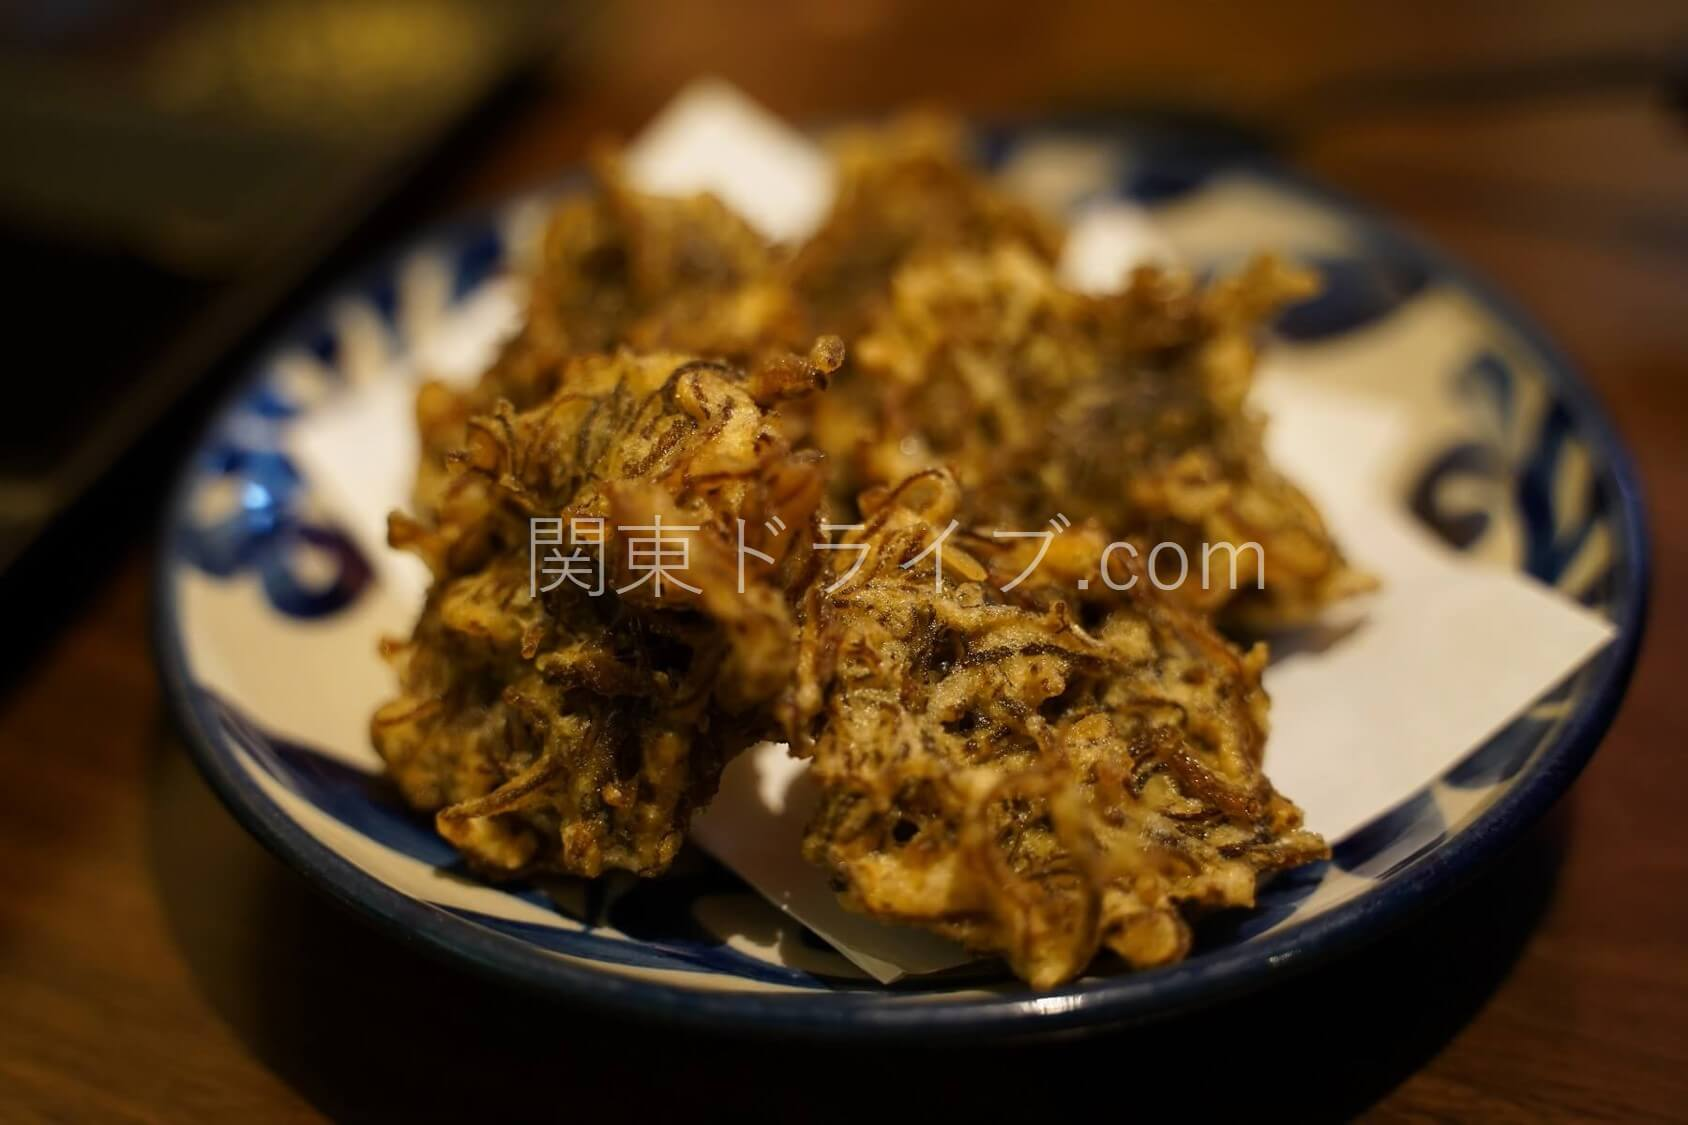 あぐーしゃぶしゃぶ・沖縄料理「かふぅ」の料理3